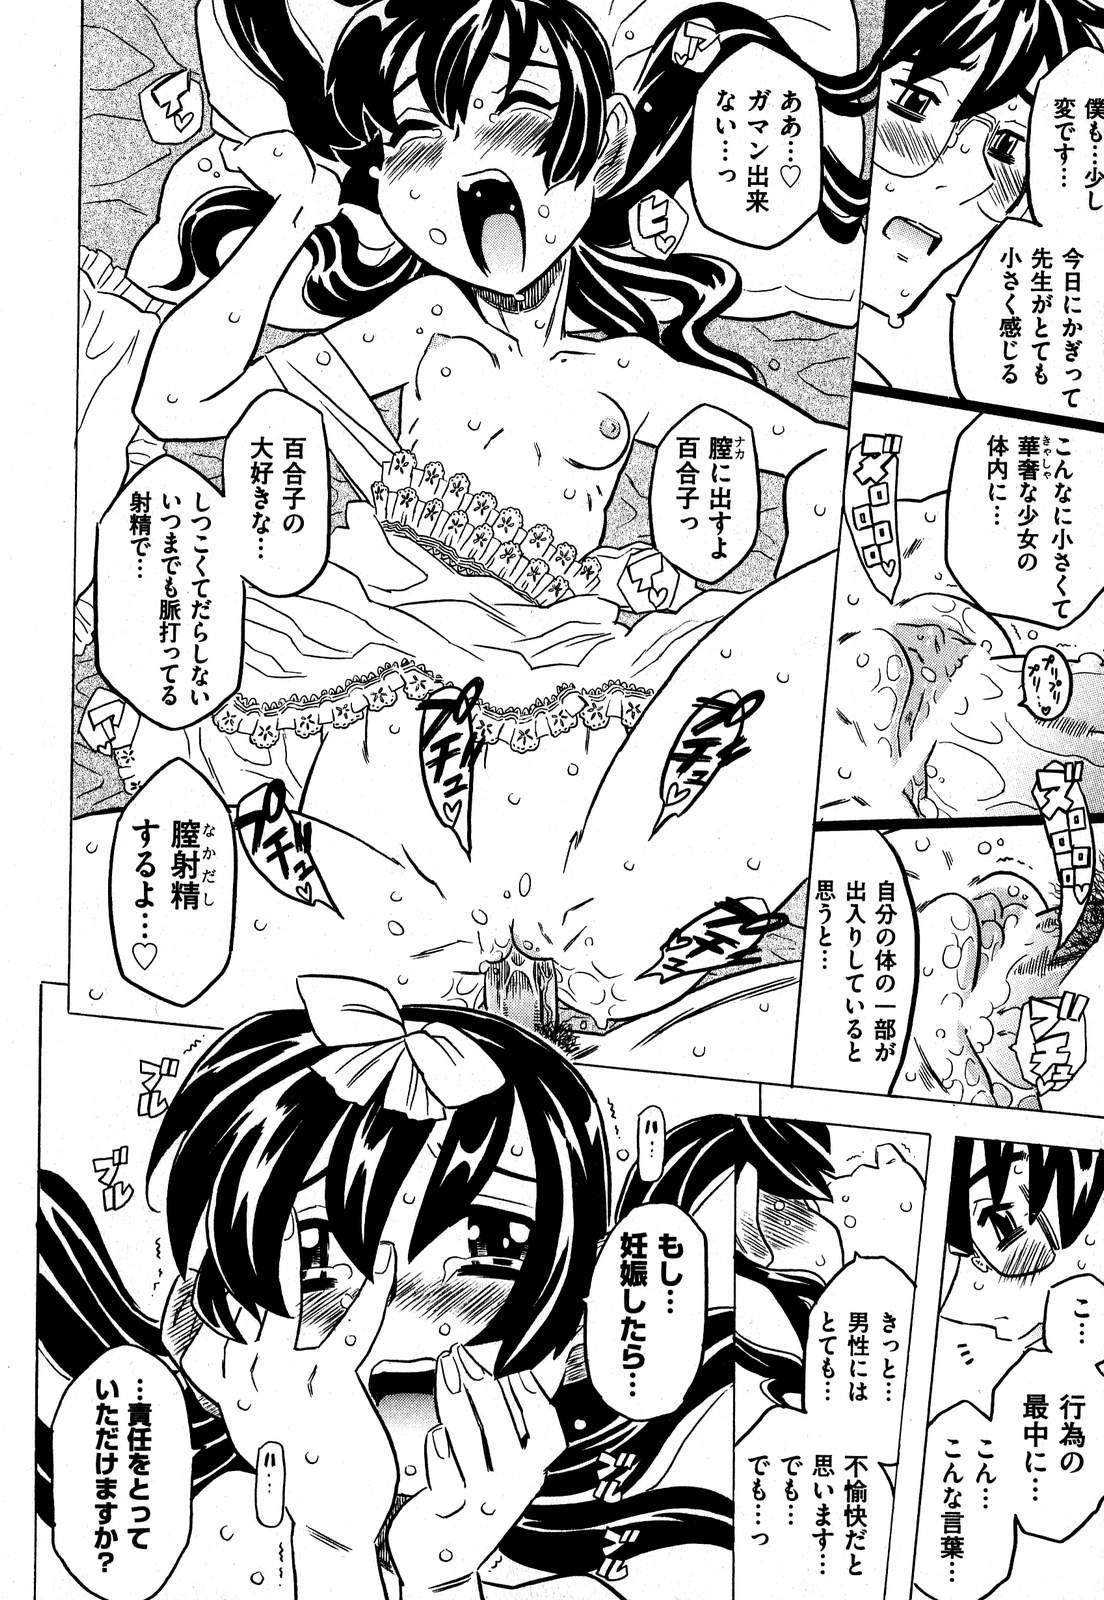 COMIC XO 2007-09 Vol. 16 49